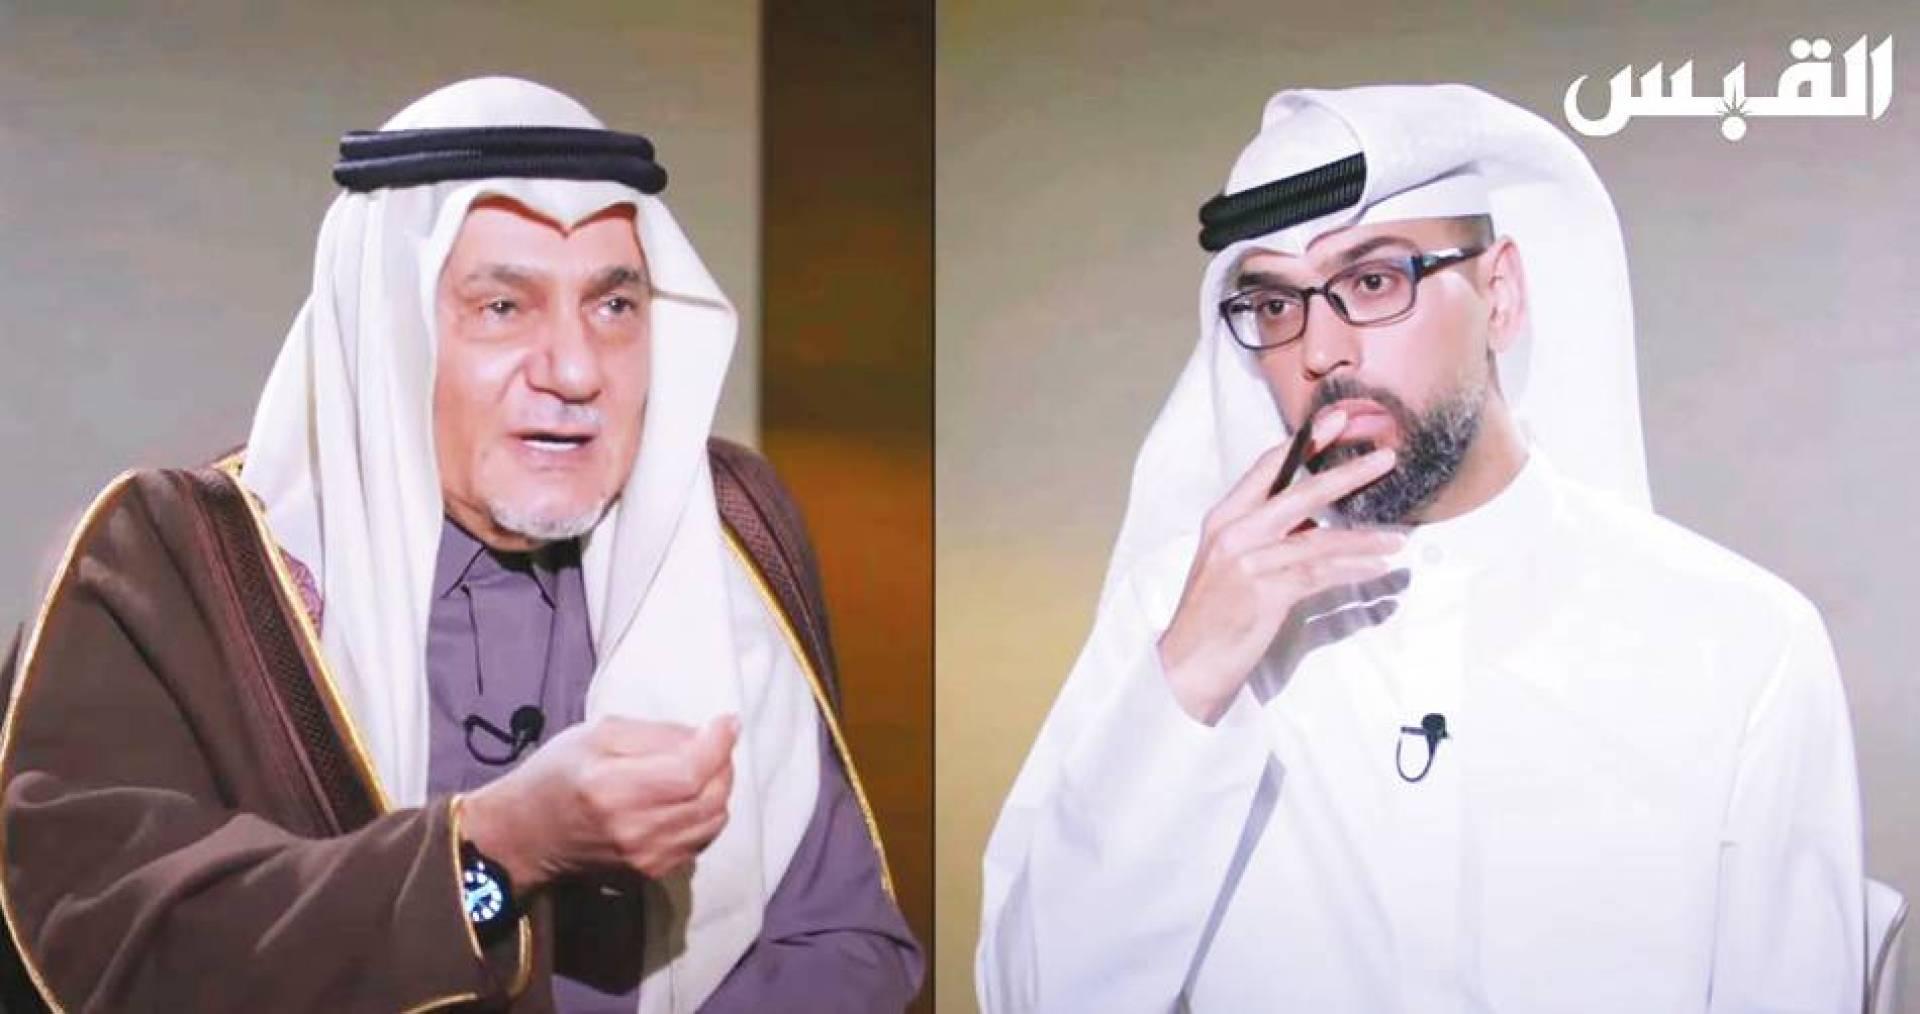 الأمير تركي الفيصل خلال حديثه إلى الزميل عمار تقي في برنامج «الصندوق الأسود»